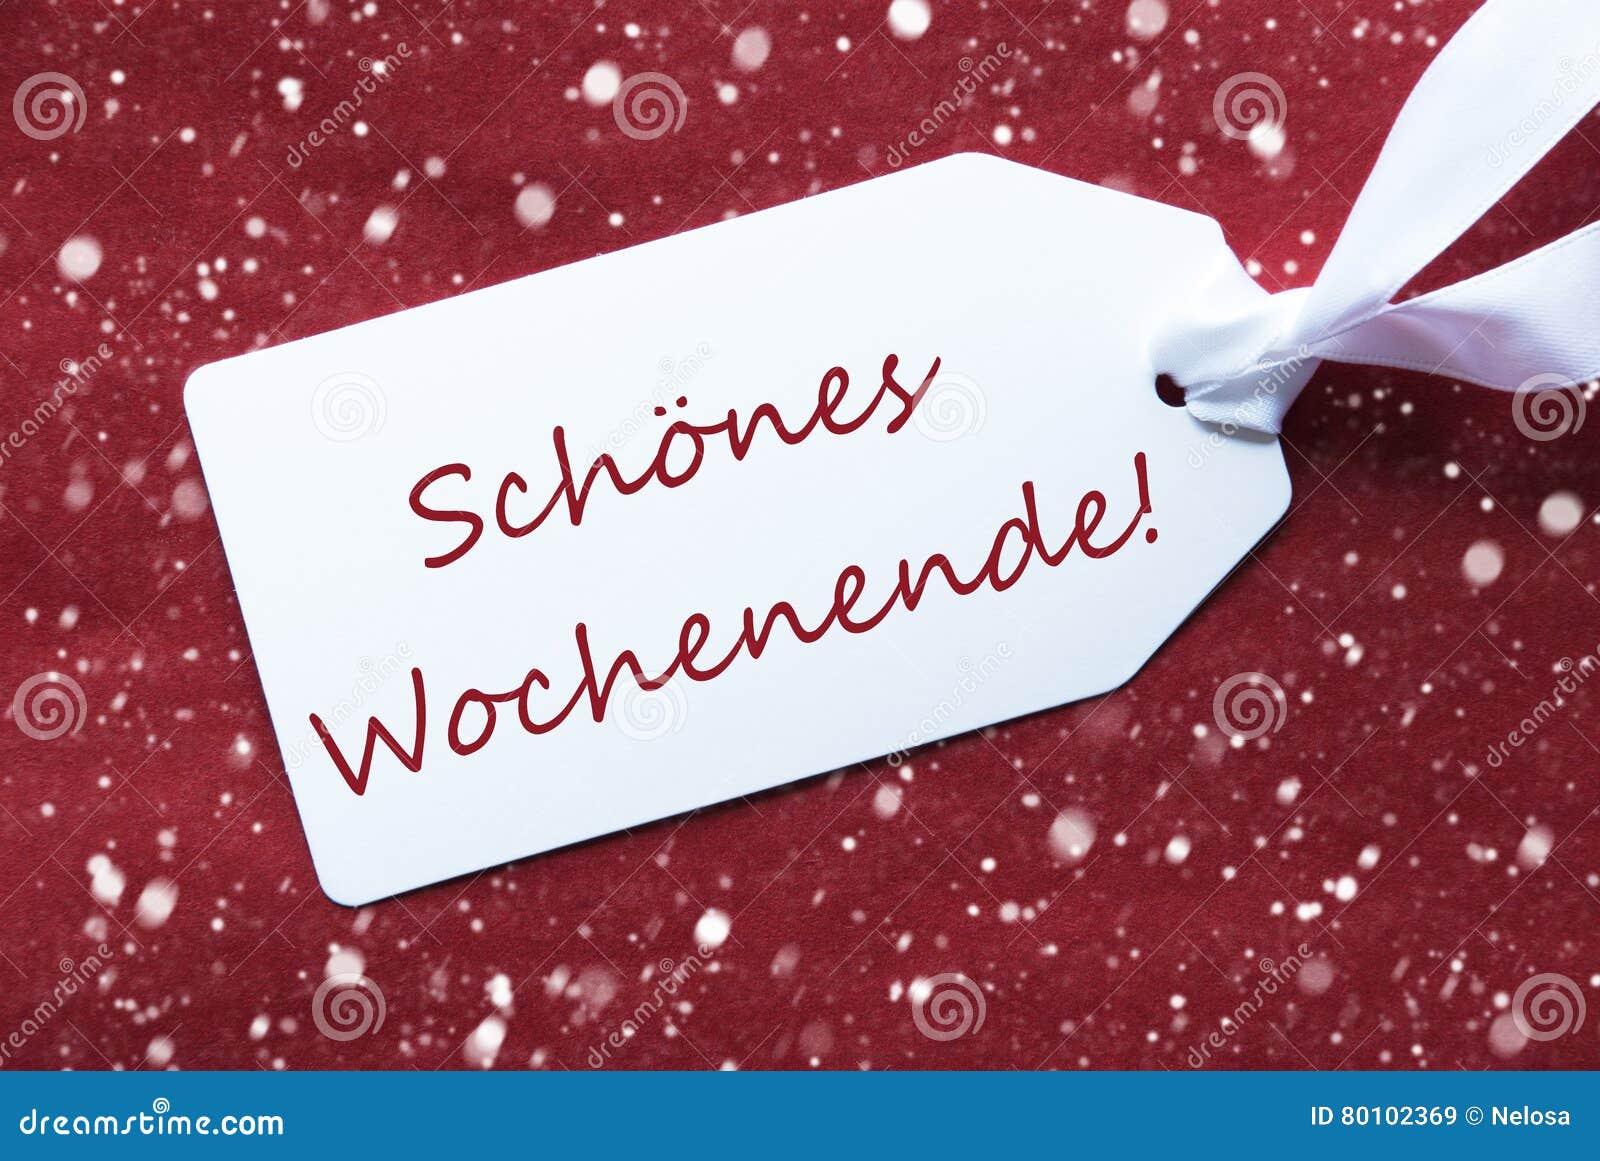 A etiqueta no fundo vermelho, flocos de neve, Schoenes Wochenende significa o fim de semana feliz